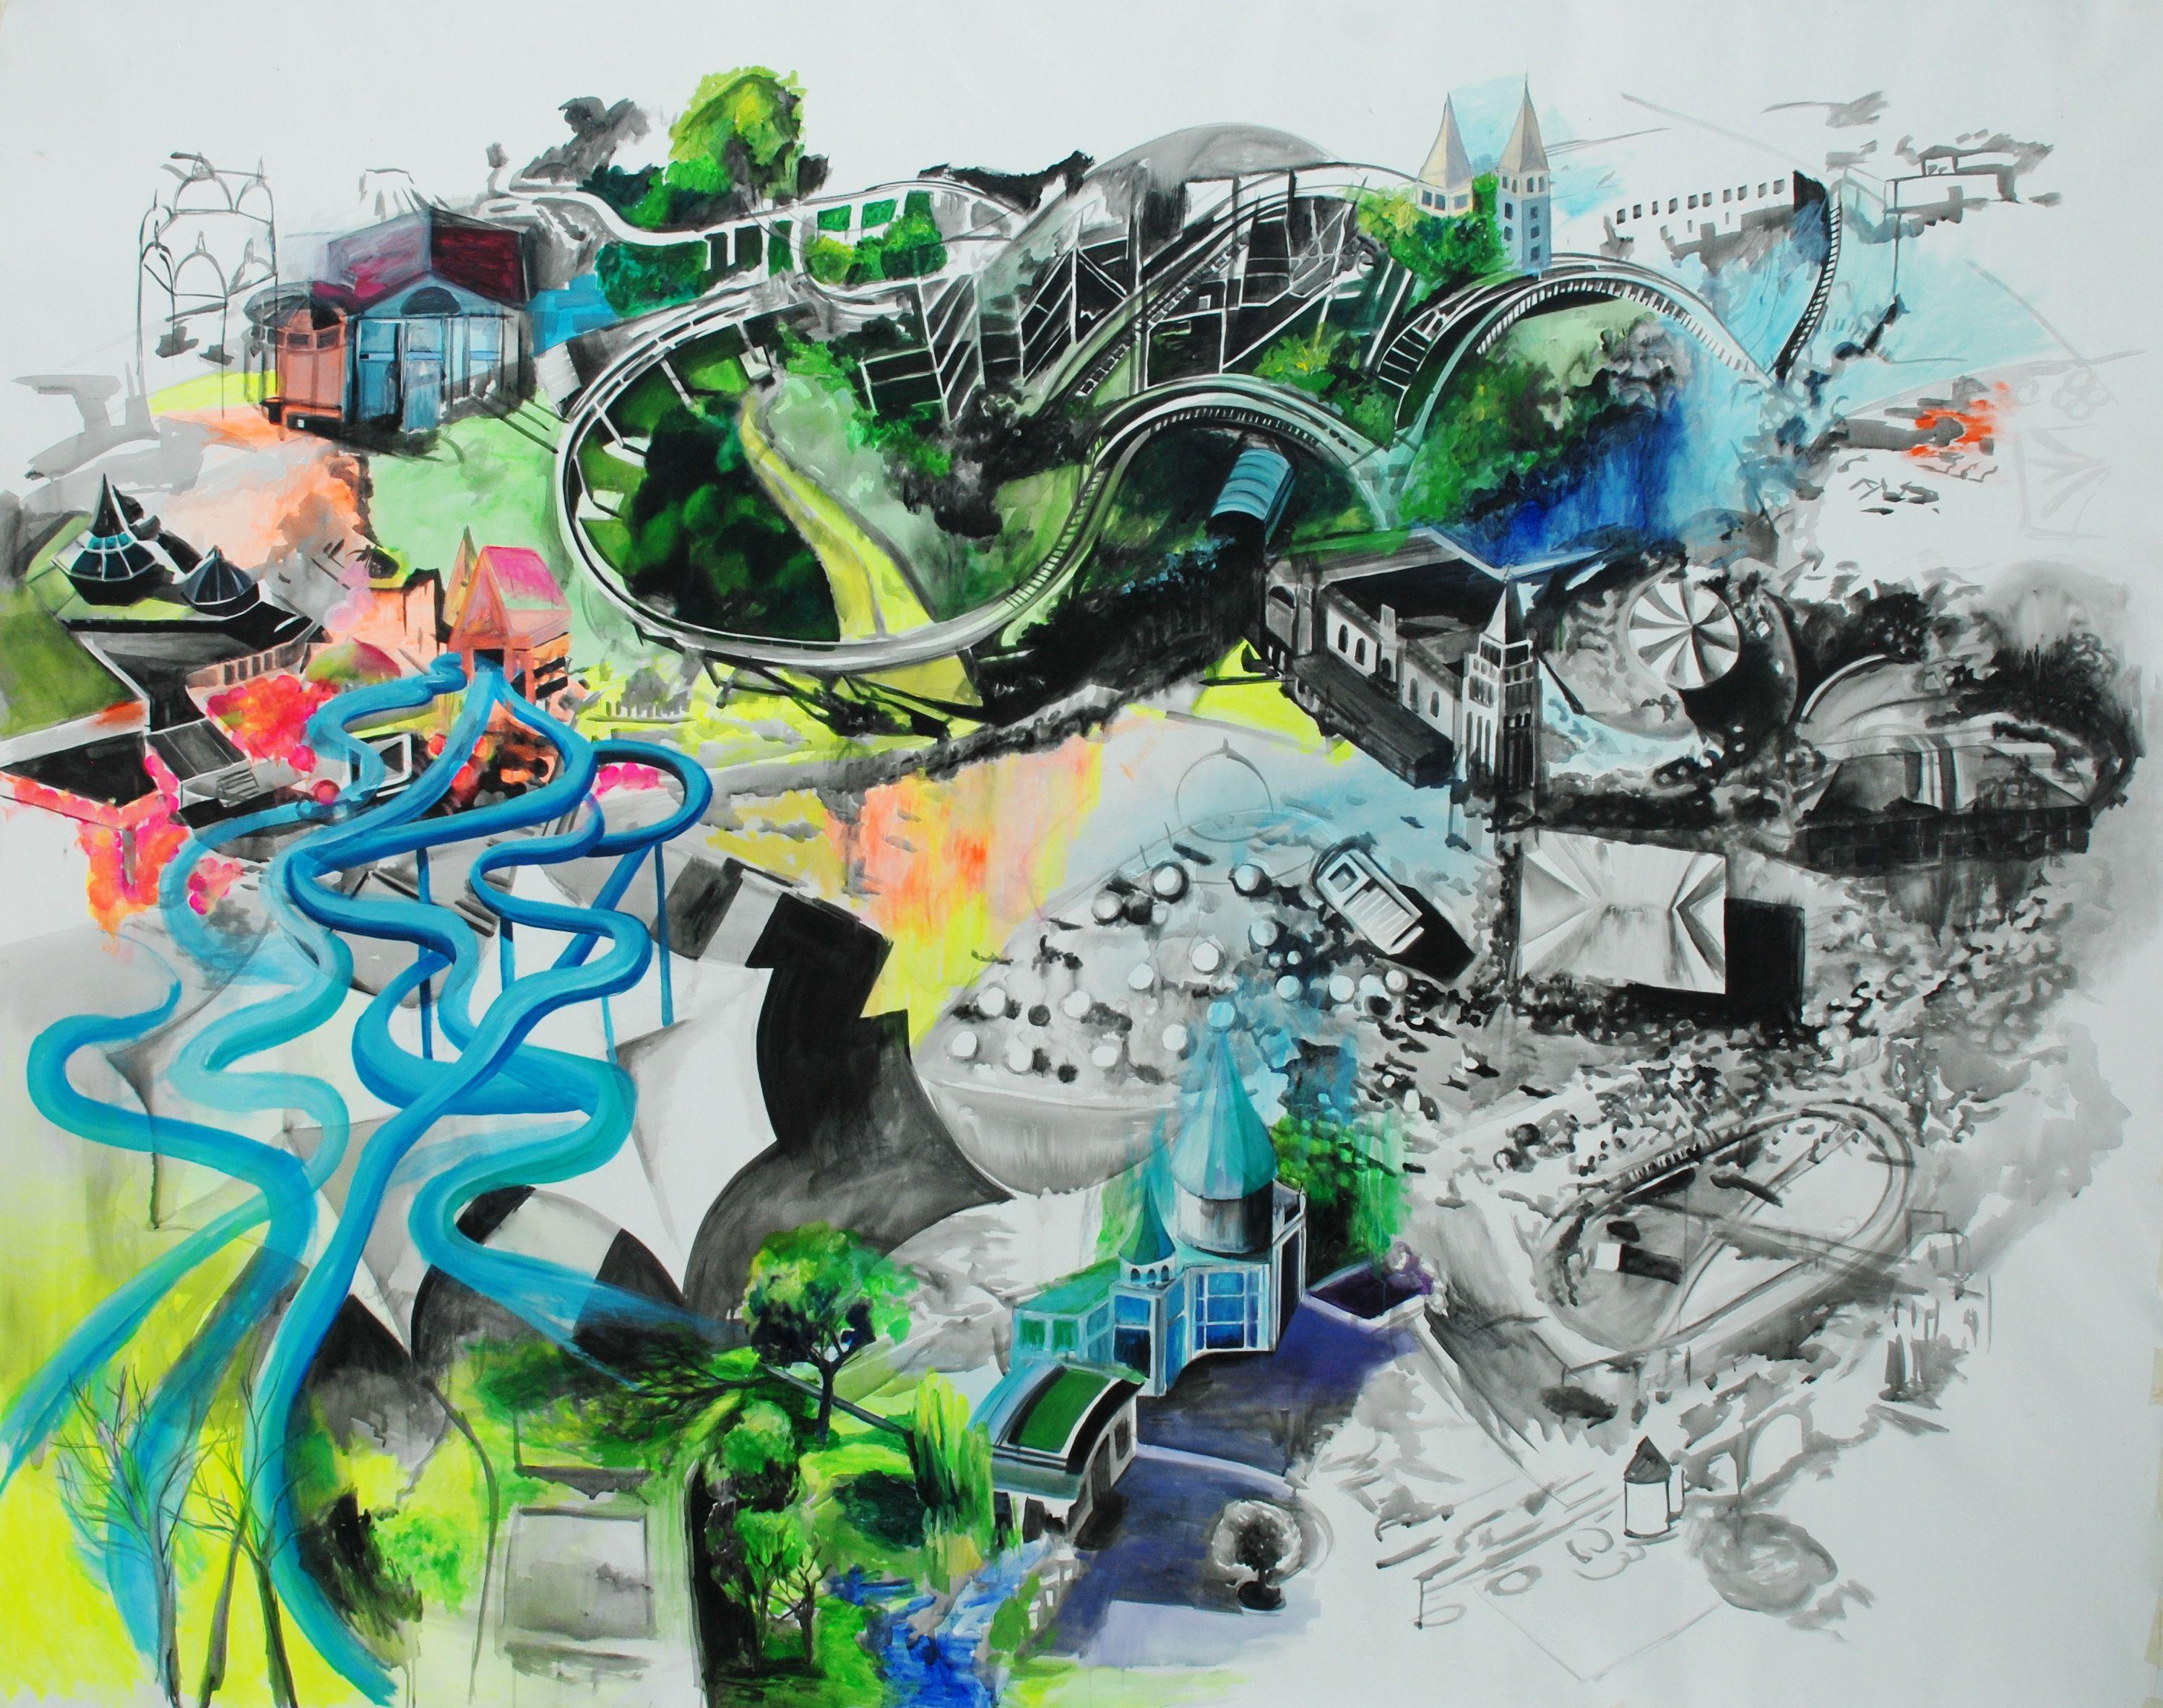 """#Pintura """"Siempre fue y será una fiesta""""  200 x 250 cm  Acrílico sobre canvas  Ana Bregú 2012"""